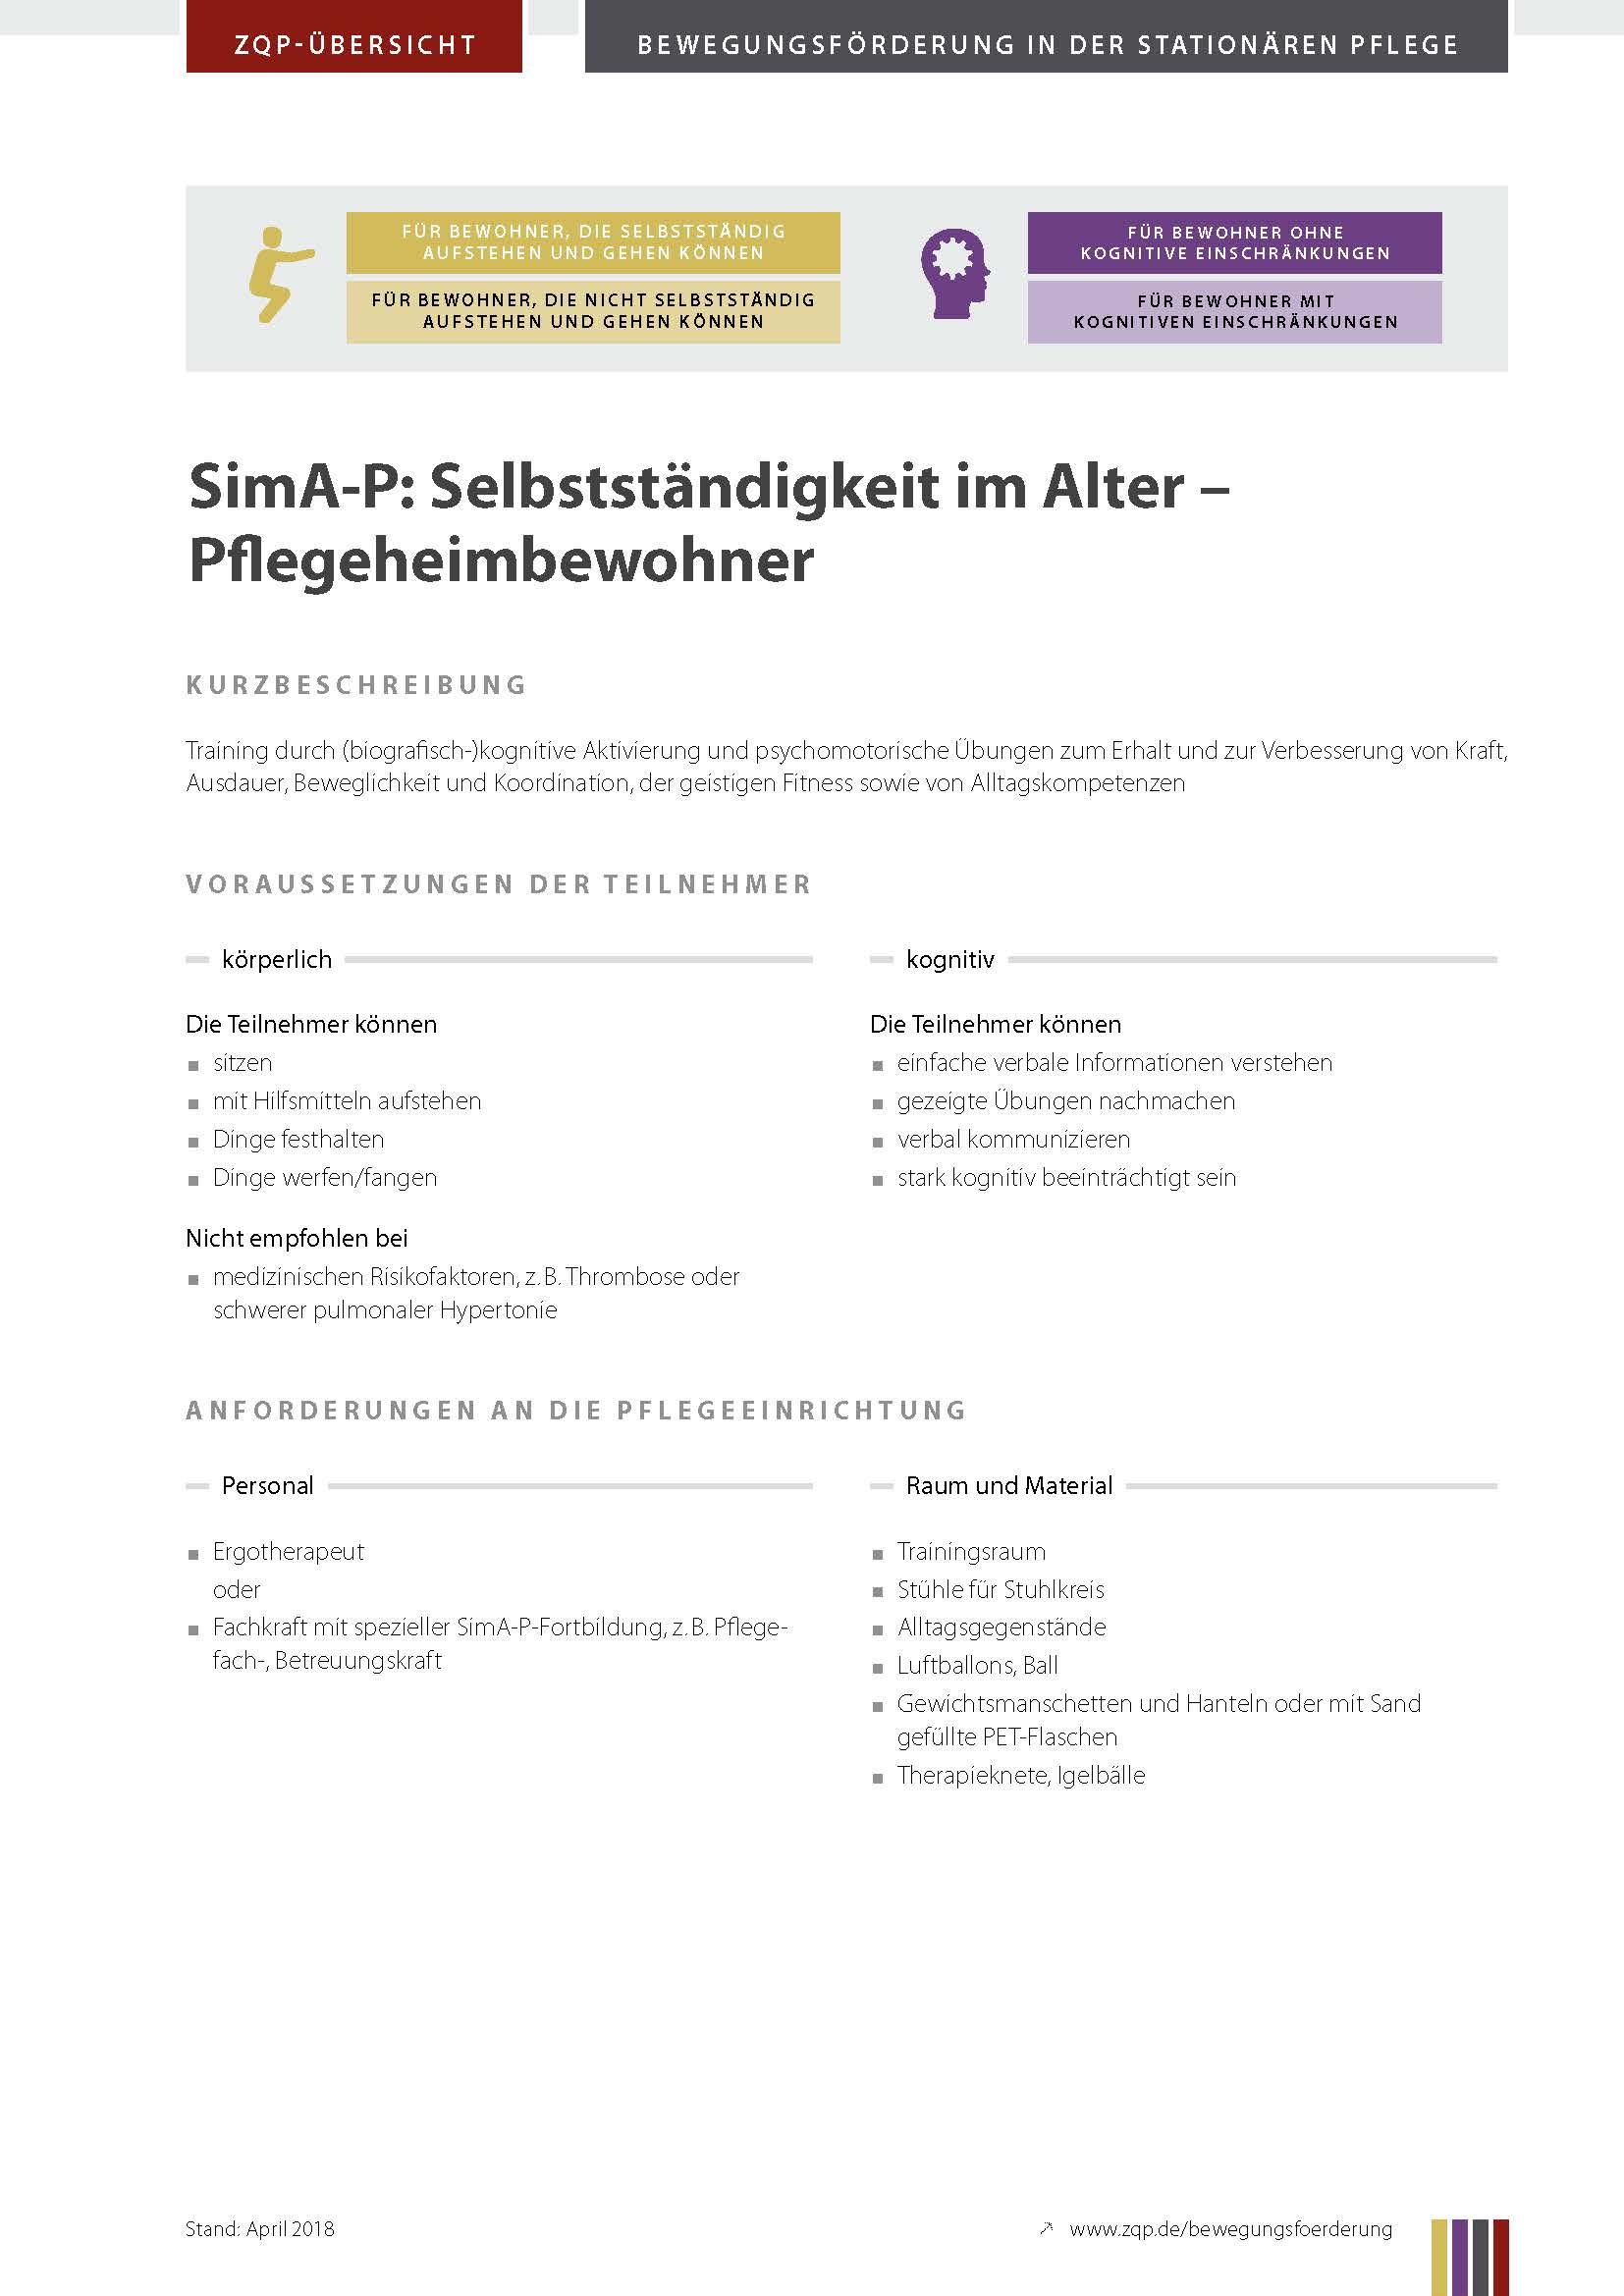 Titelblatt Selbstständigkeit im Alter - Pflegeheimbewohner